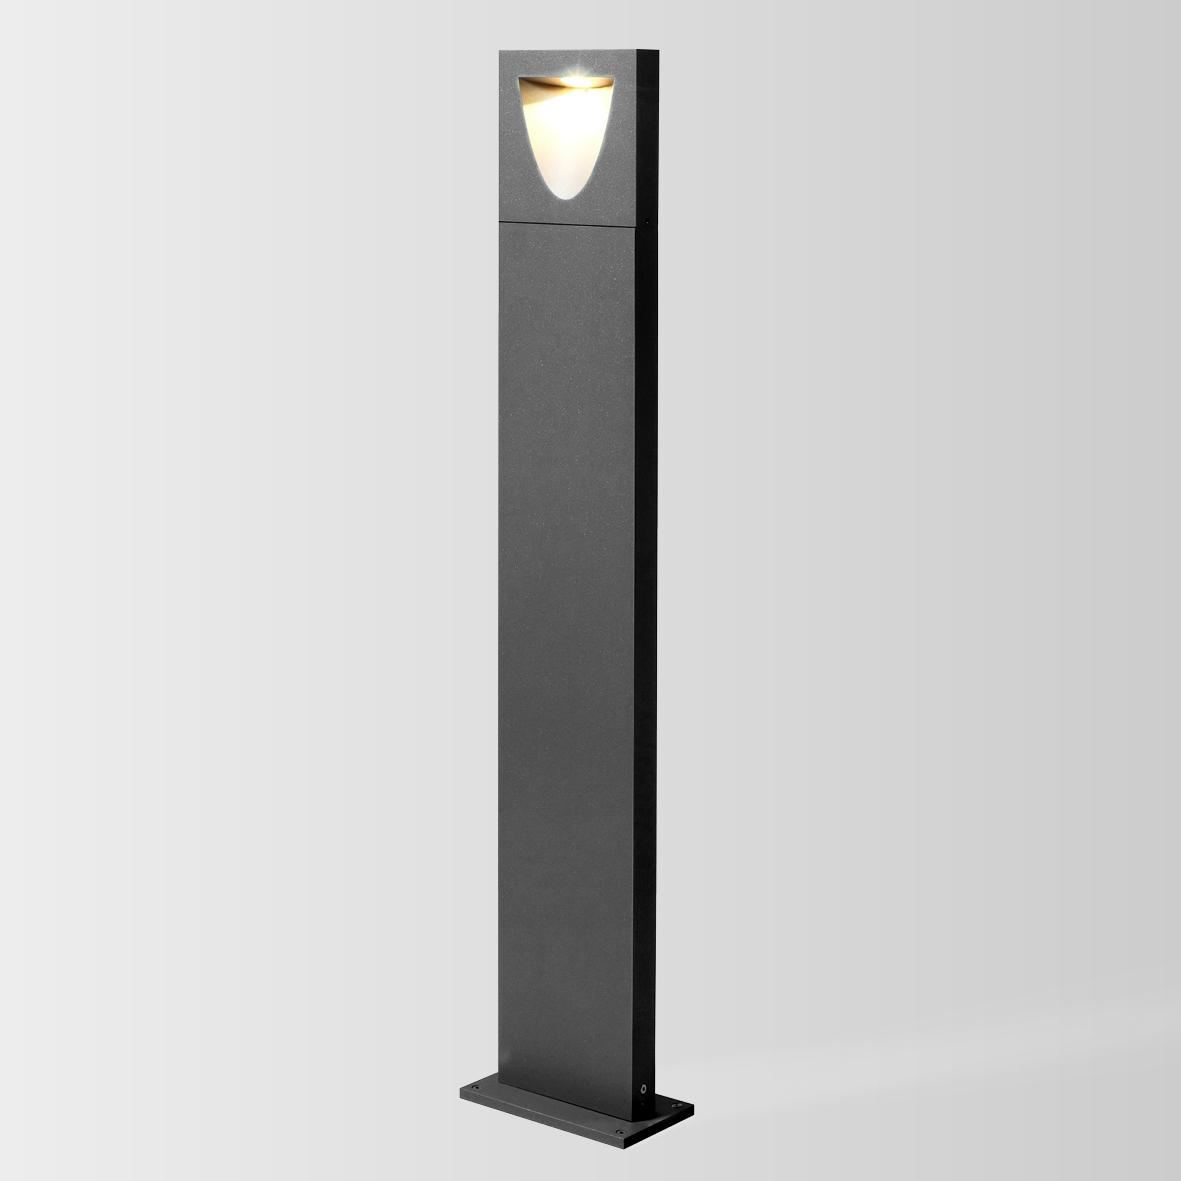 SMILE 2.0 LED 3000K DIM tumehall 8W 80 220-240VAC ilma postita, välisvalgusti pollar